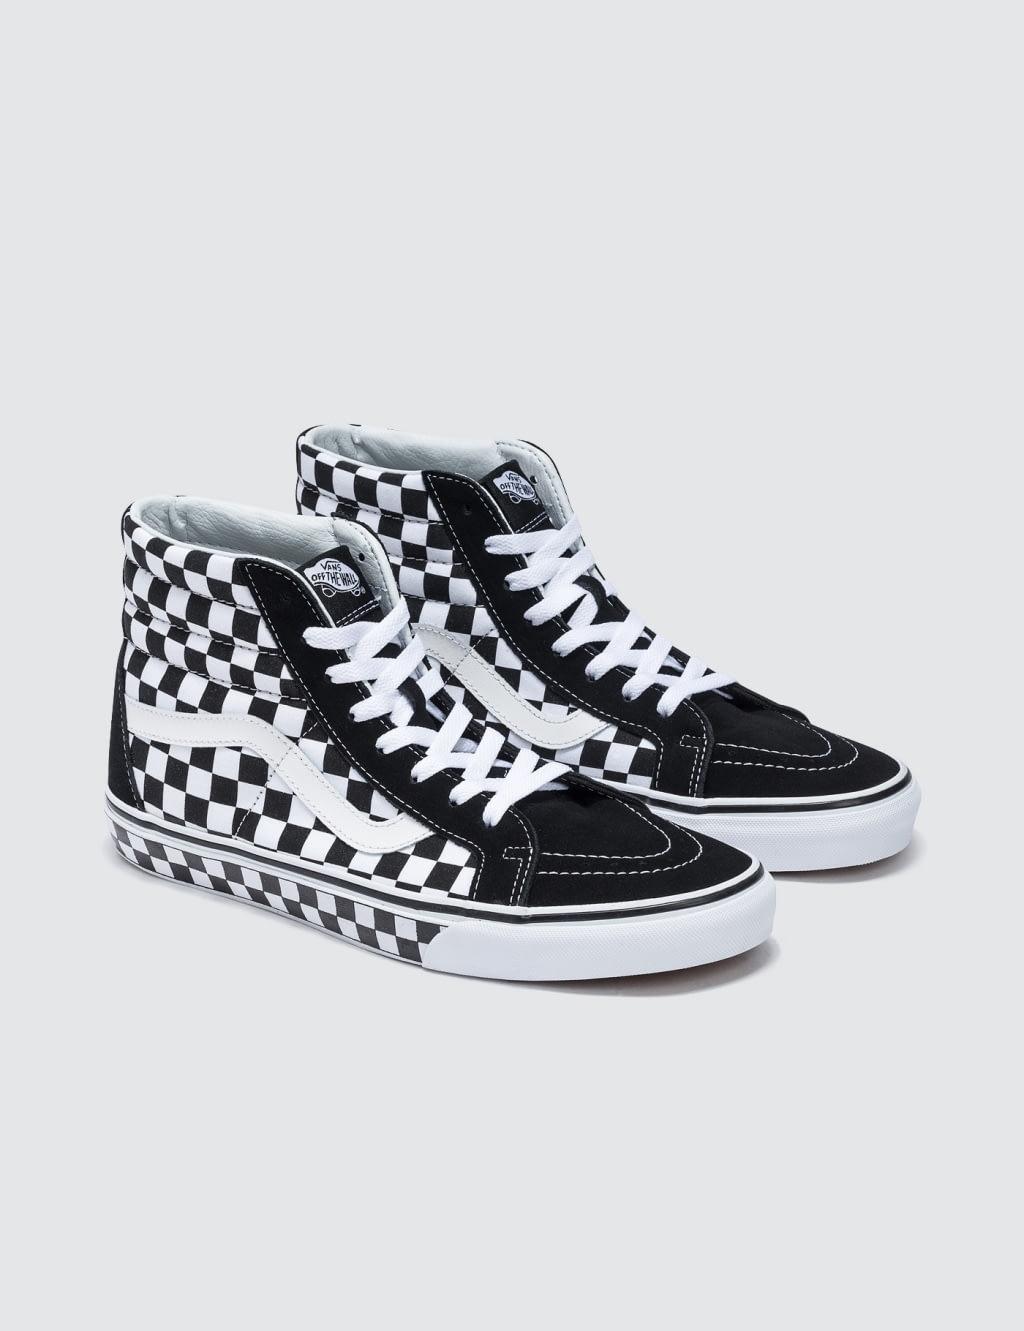 jual vans sk8 hi checkerboard original